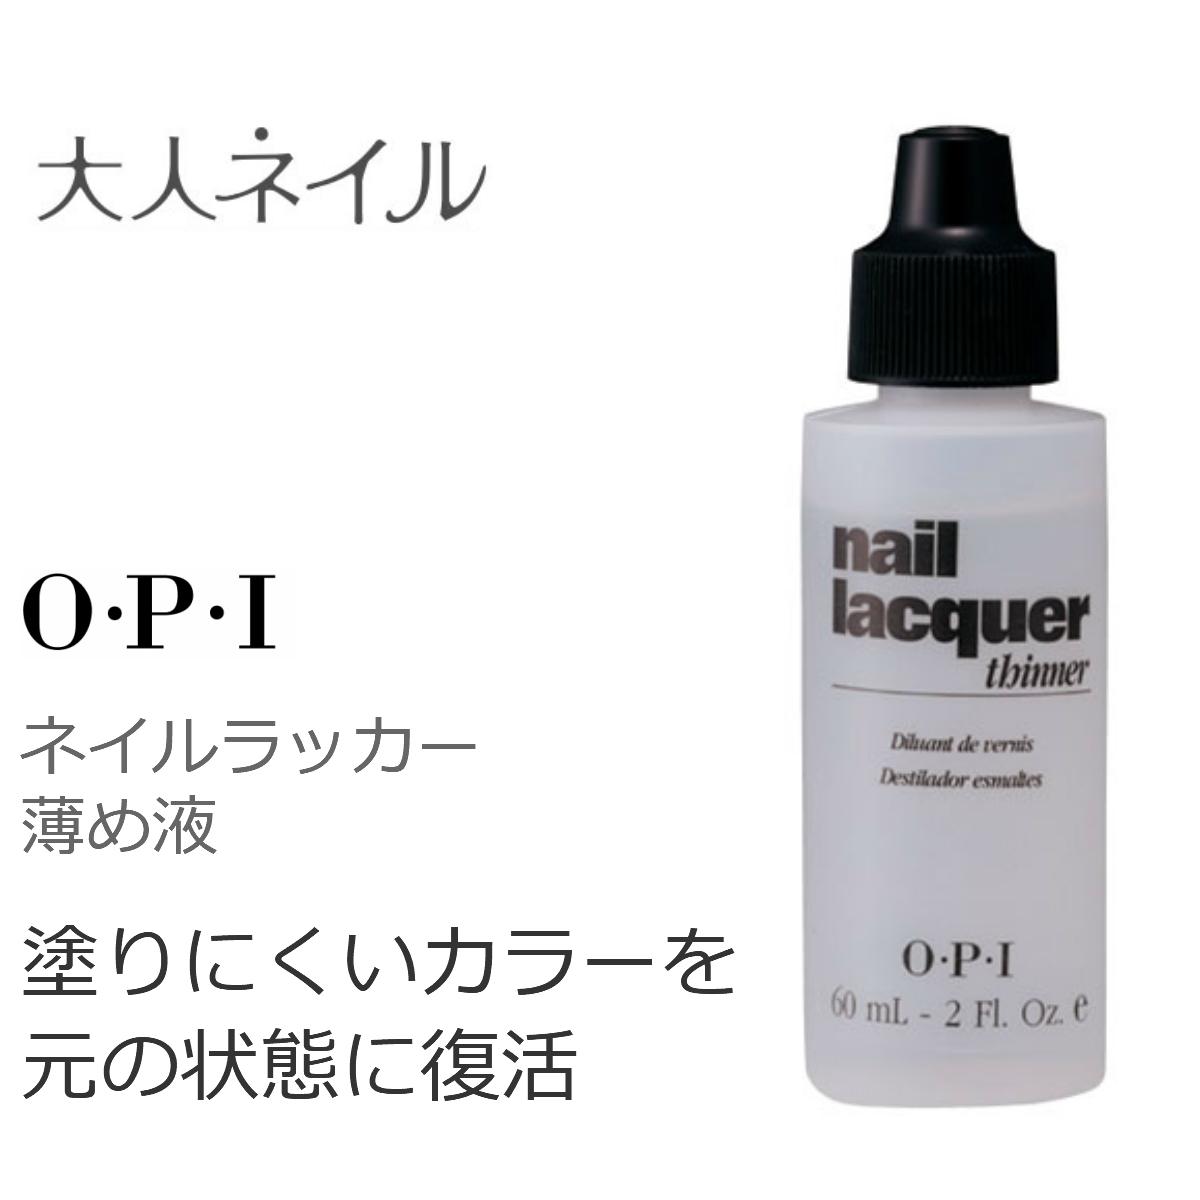 OPI ネイルラッカー・シンナー 薄め液 60ml どろっとした マニキュア 復活させる